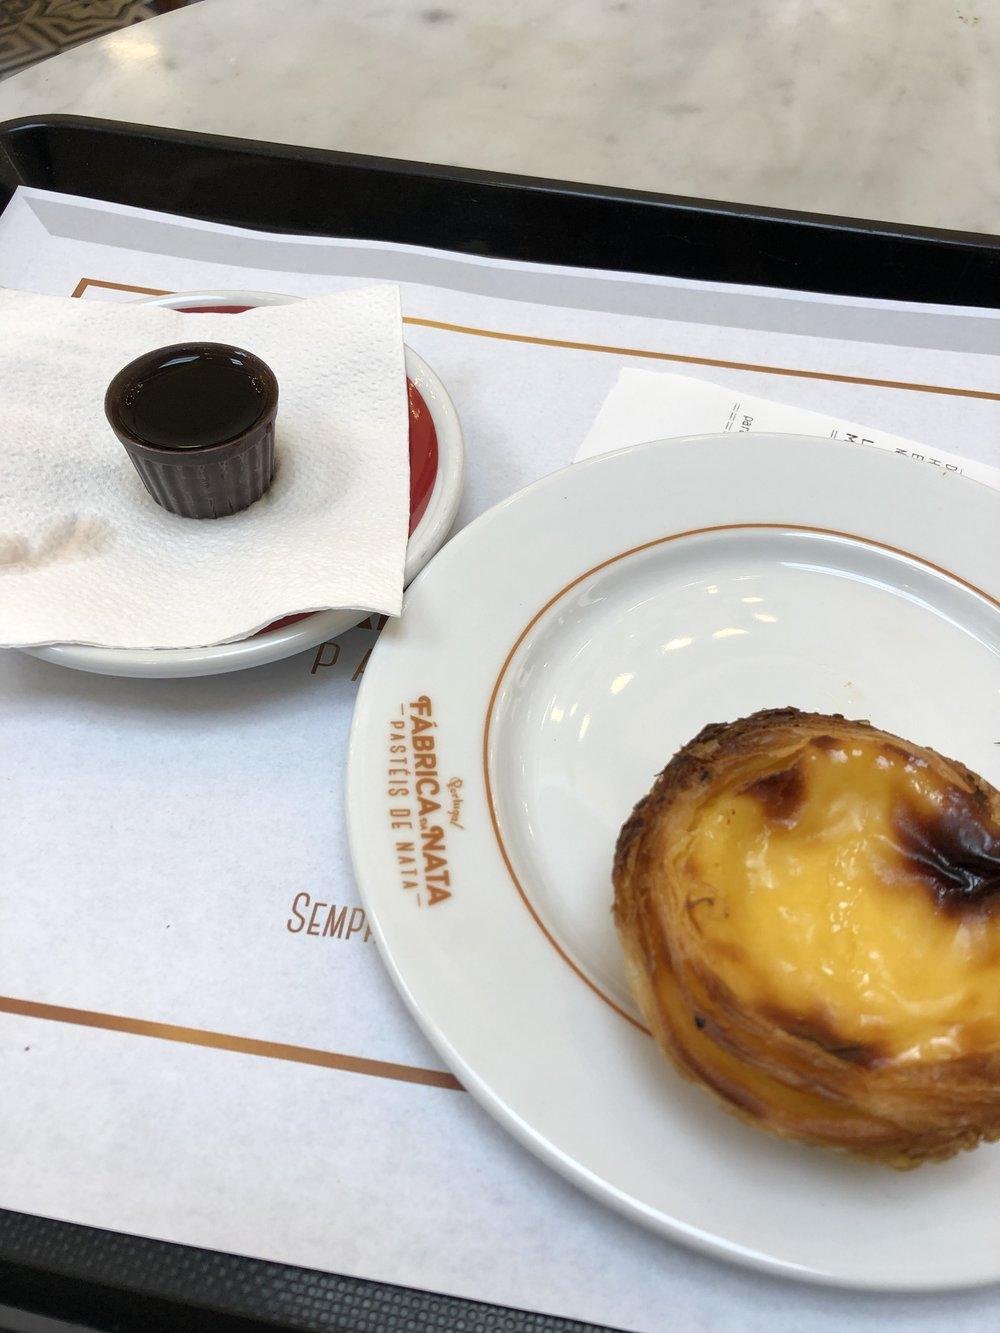 リスボンでよく目にした甘い食後酒。サンセバスチャンにも似たのがあった。 地元の人たちは大体氷を入れて飲む。Pastel de nata 直訳するとクリームタルト。1€